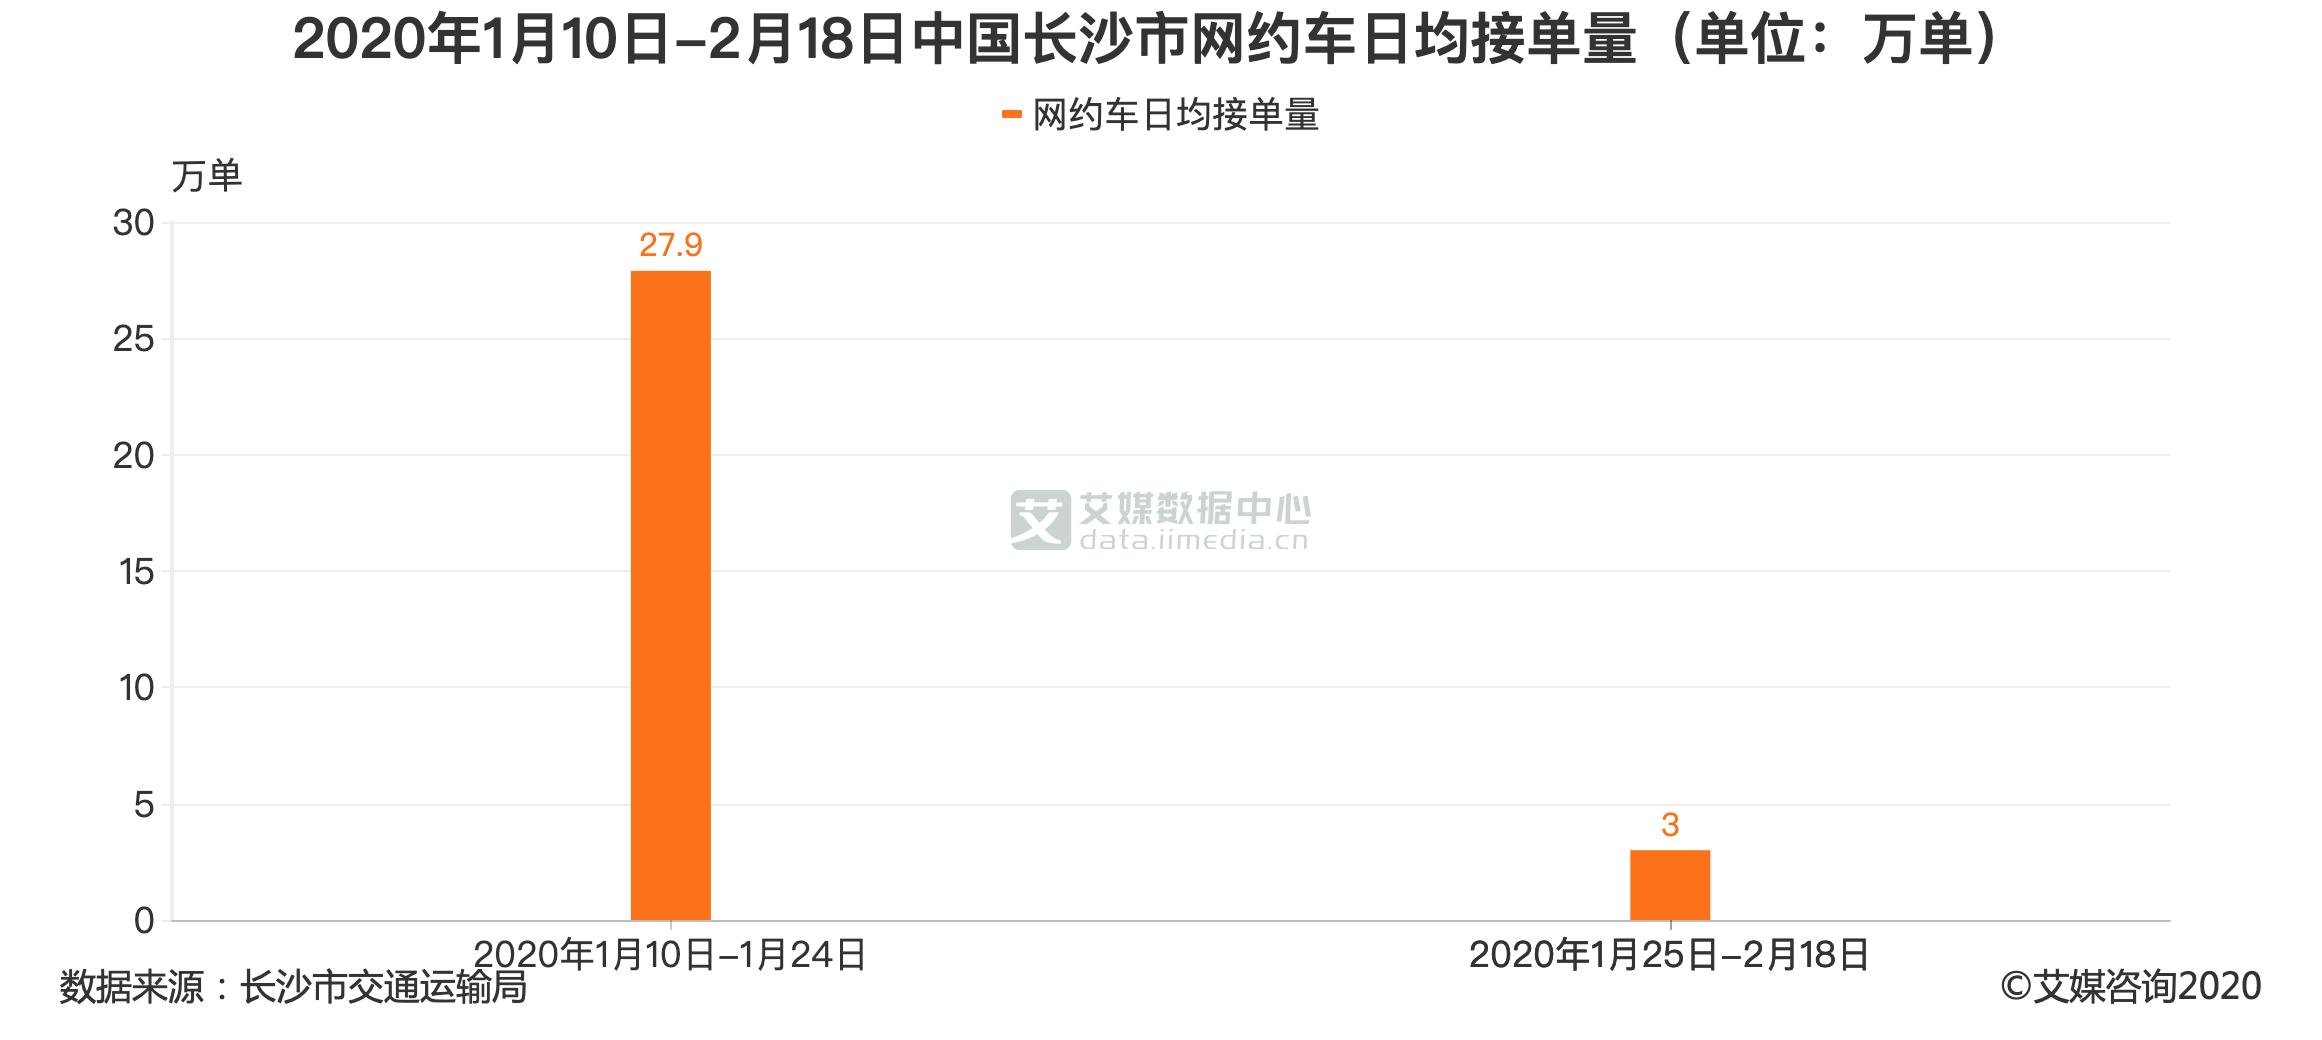 2020年1月10日-2月18日中国长沙市网约车日均接单量(单位:万单)